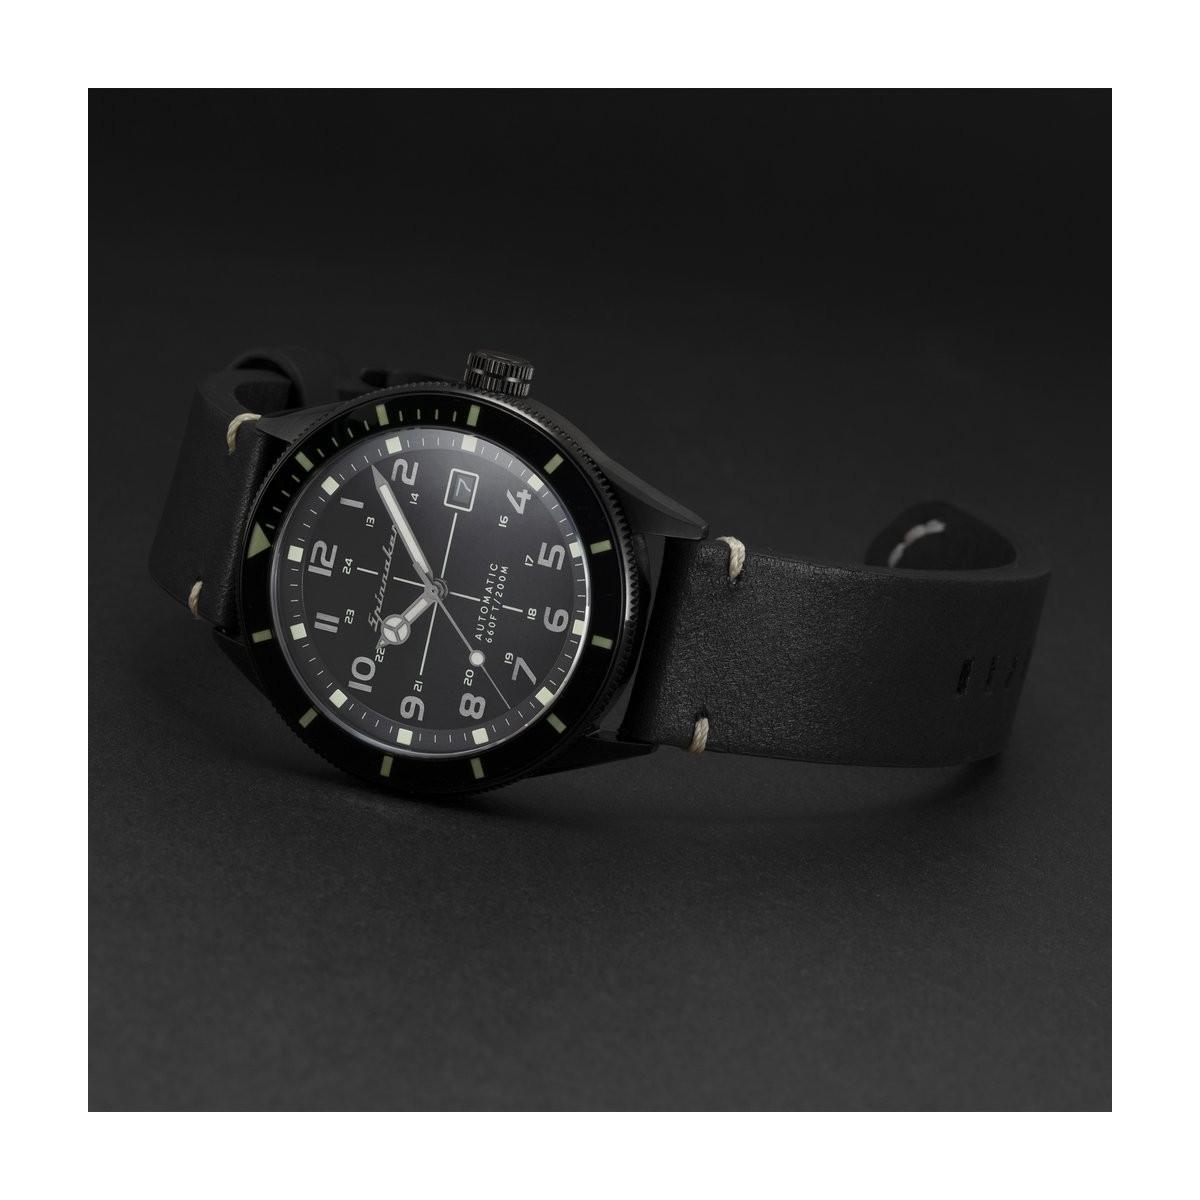 Montre Spinnaker Cahill  Automatique Cadran noir - SP-5064-01